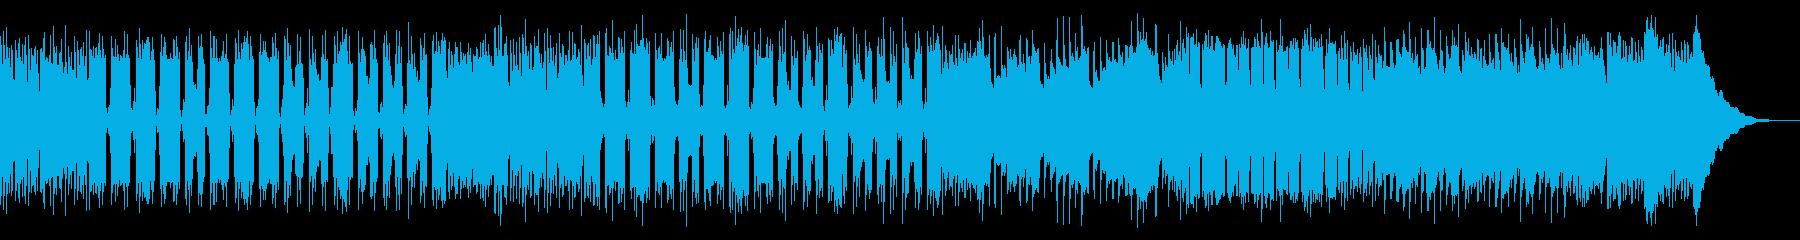 カントリー風マーチングギター01Cの再生済みの波形